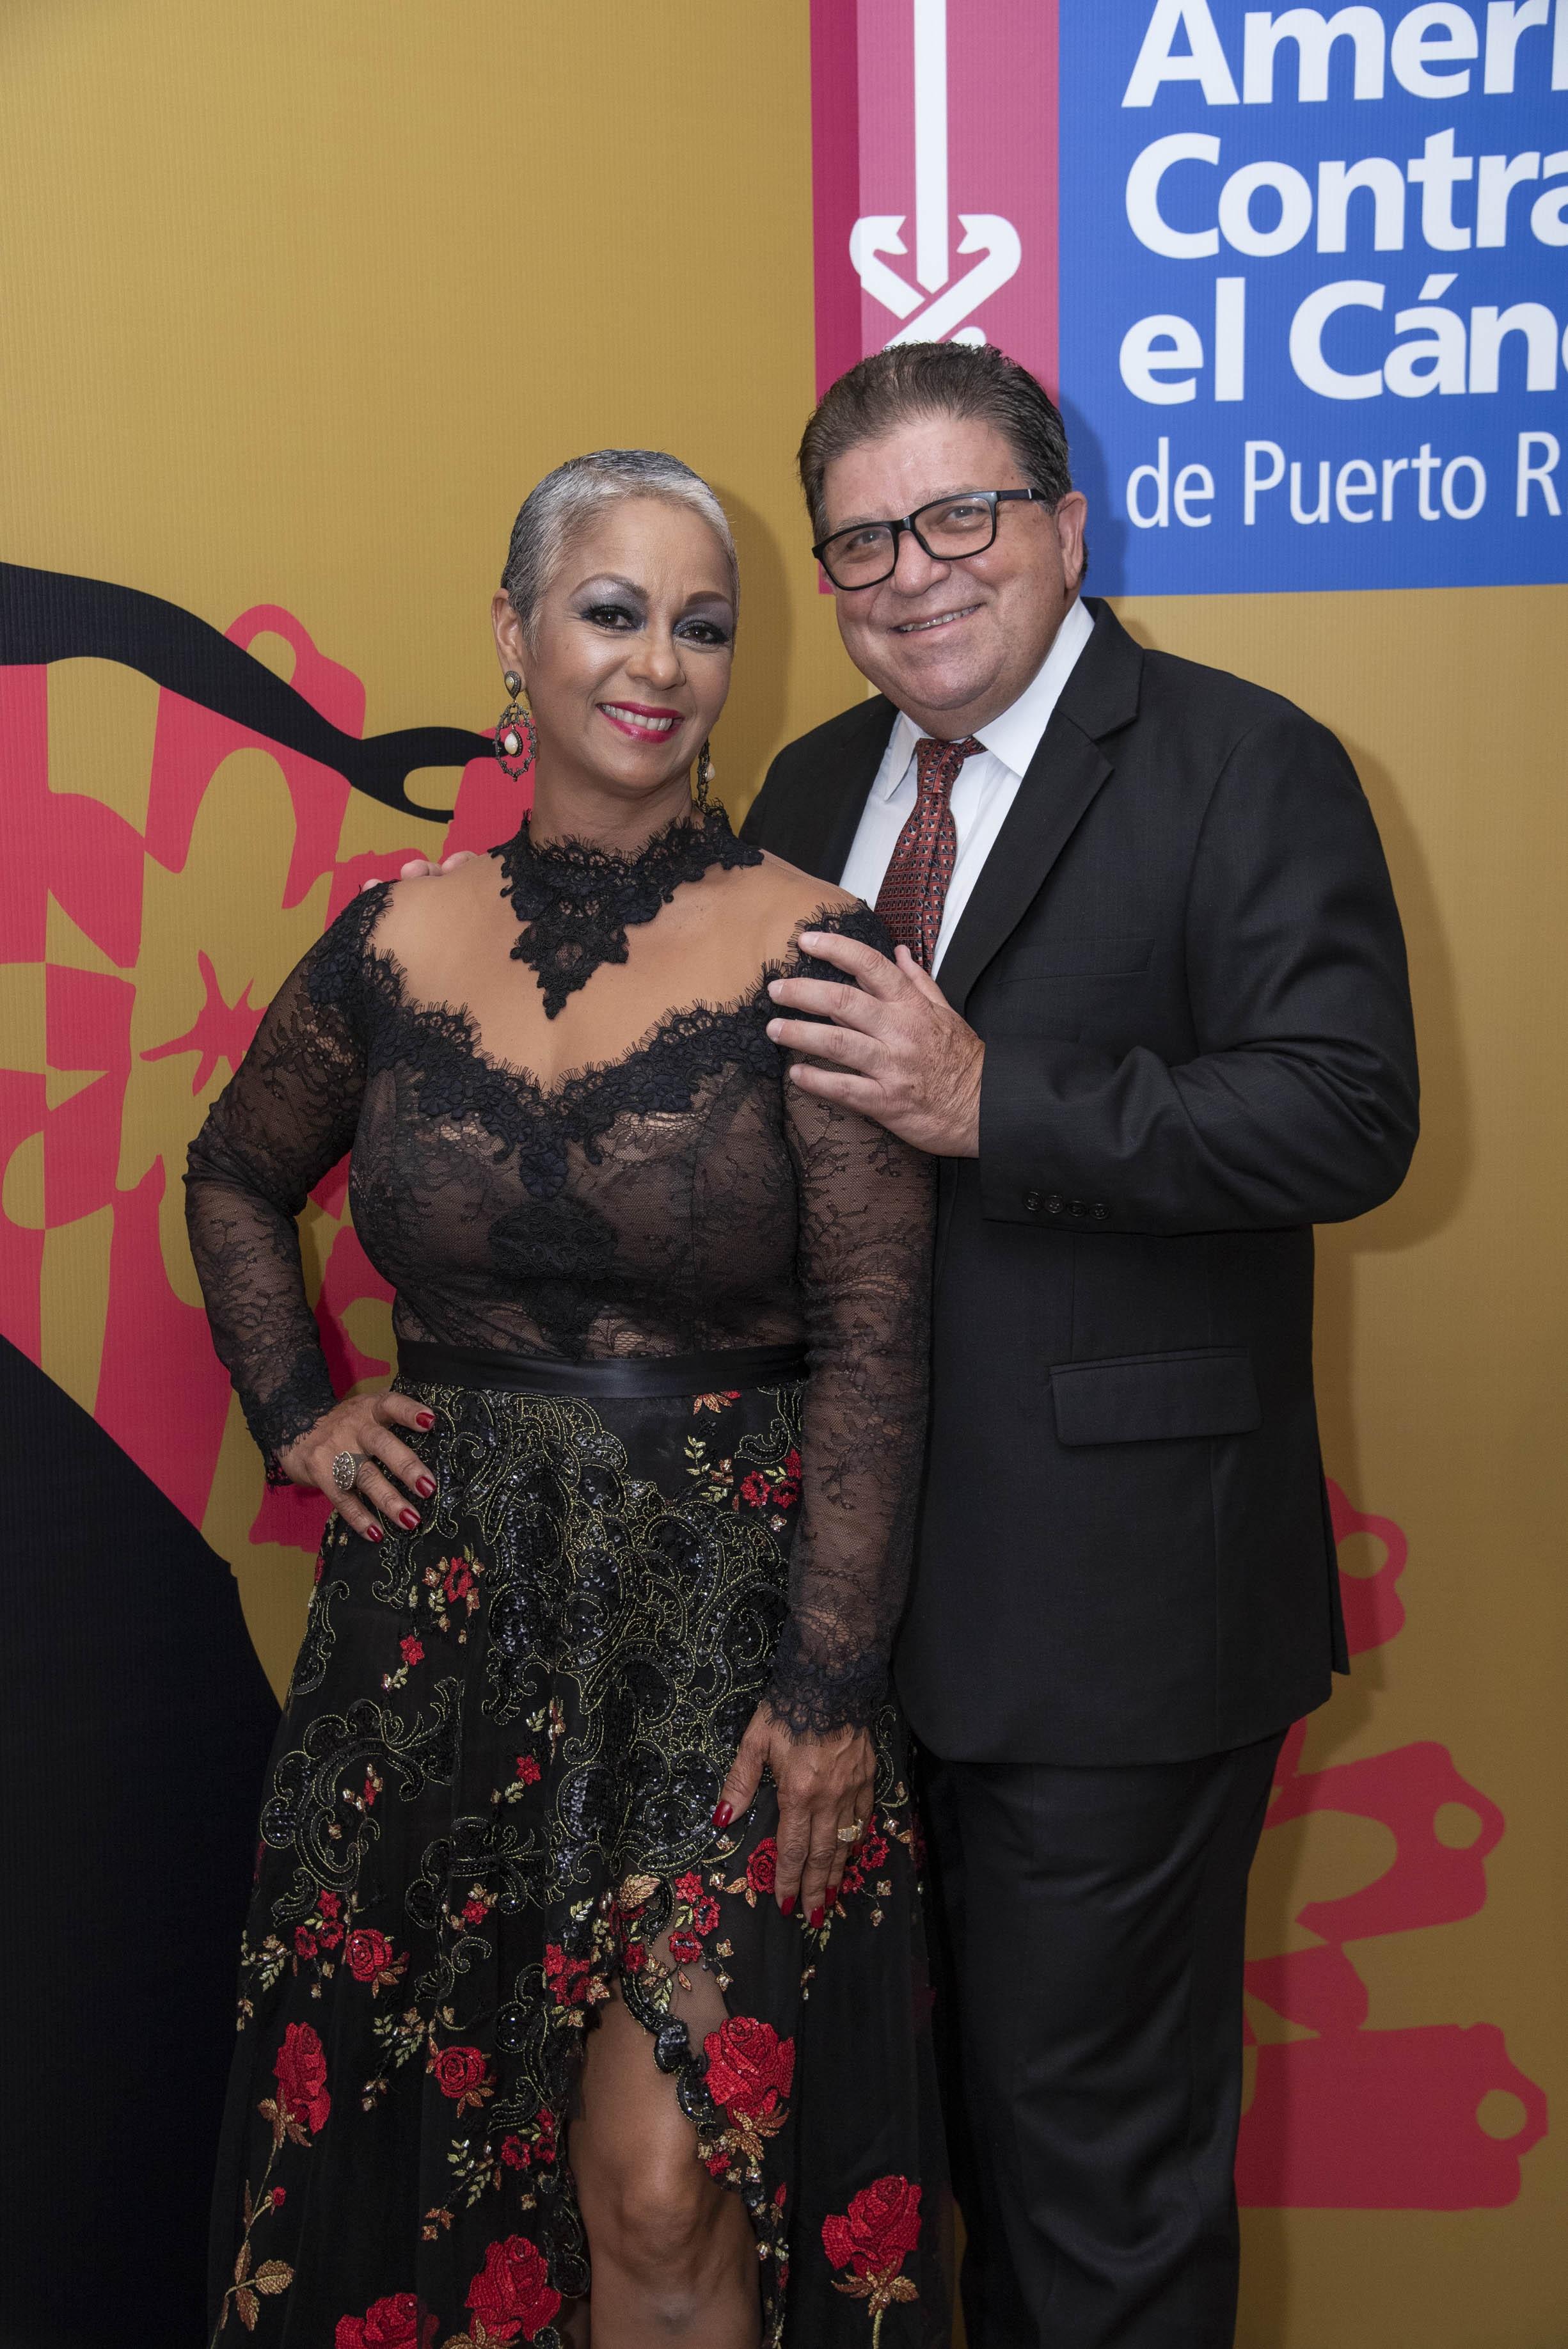 Enery Ortíz y Ricardo Dreyfous (Suministrada)